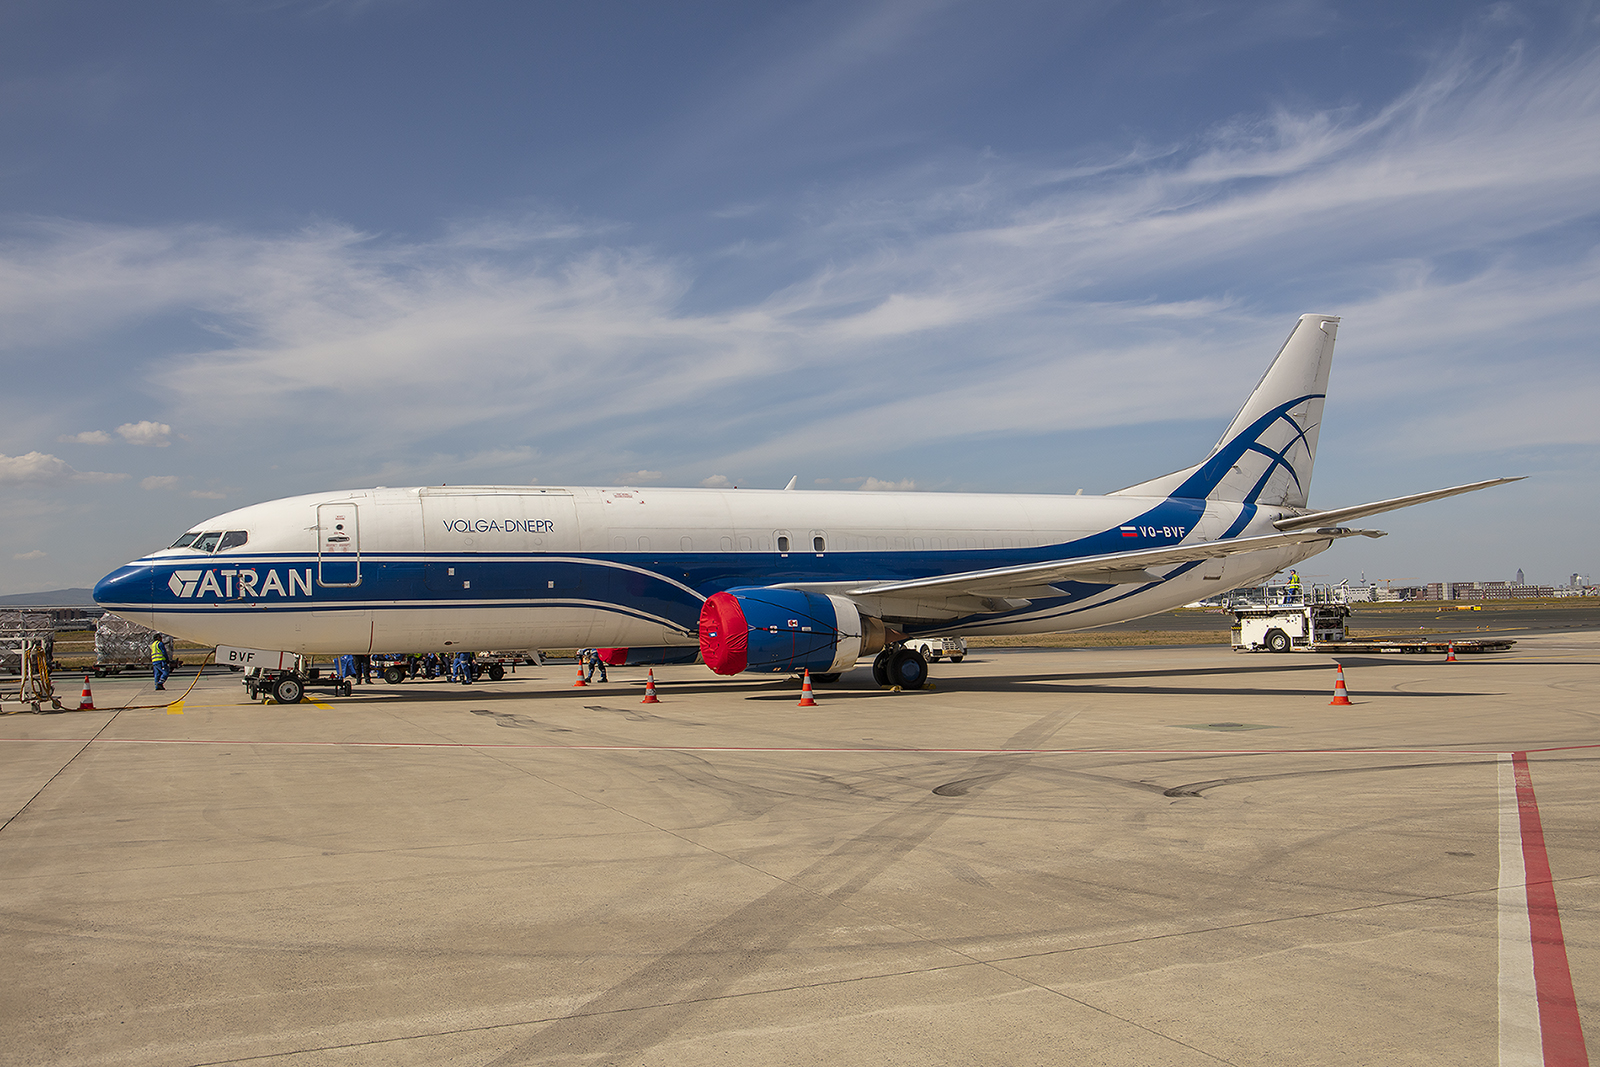 Atran Boeing 737-400, ein Tochterunternehmen der Volga-Dnepr.